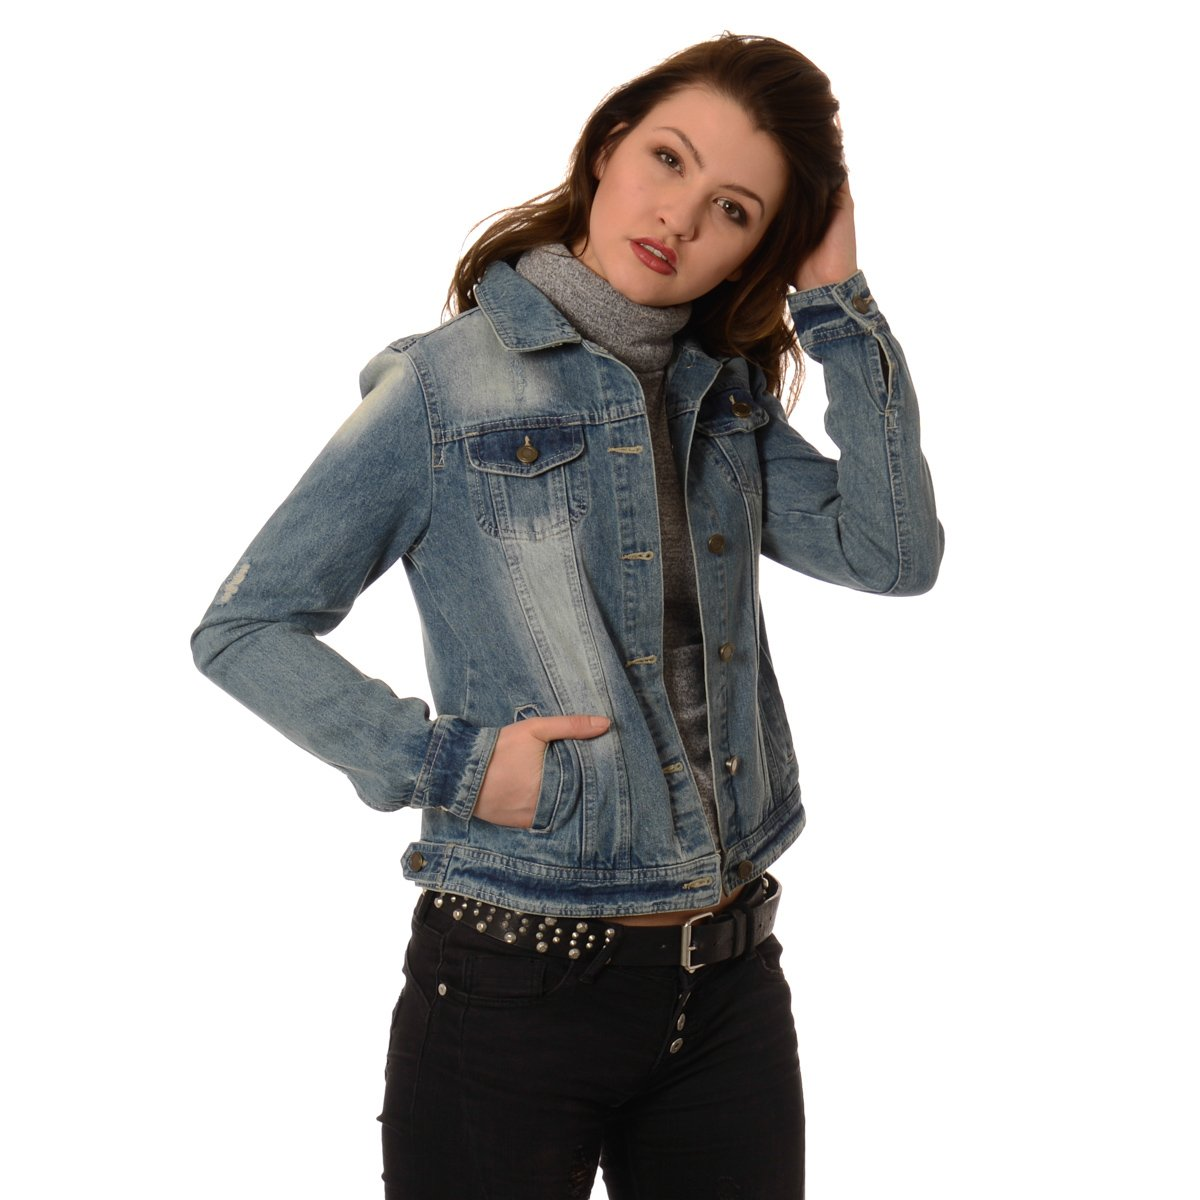 Podczas zakupu zwraca się najczęściej uwagę na materiał, suwaki i obecność kaptura, zupełnie zapomina się o tym, że kurtka – tak samo jak damski sweter czy marynarka – jest częścią wyglądu, który, tak samo jak sukienkę – trzeba skomponować. Do zimowych puchówek najważniejszą sprawą pozostaje wybór obuwia – kozaków w pasującym kolorze i o ciekawej fakturze.